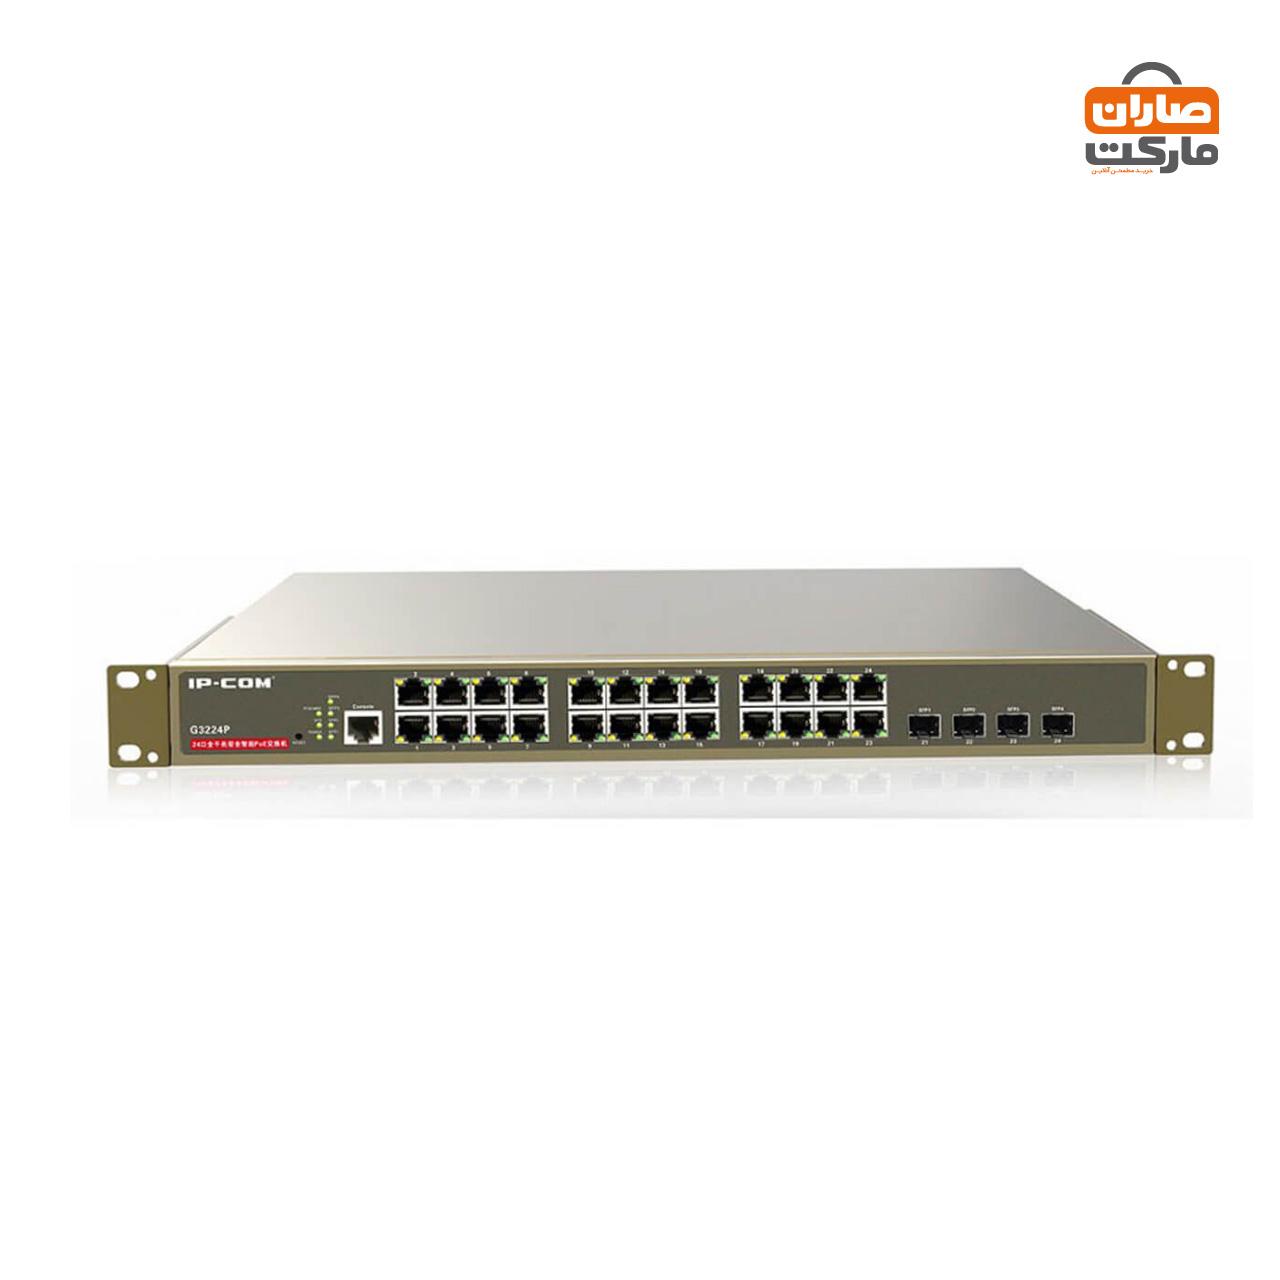 IP-COM-G3224P